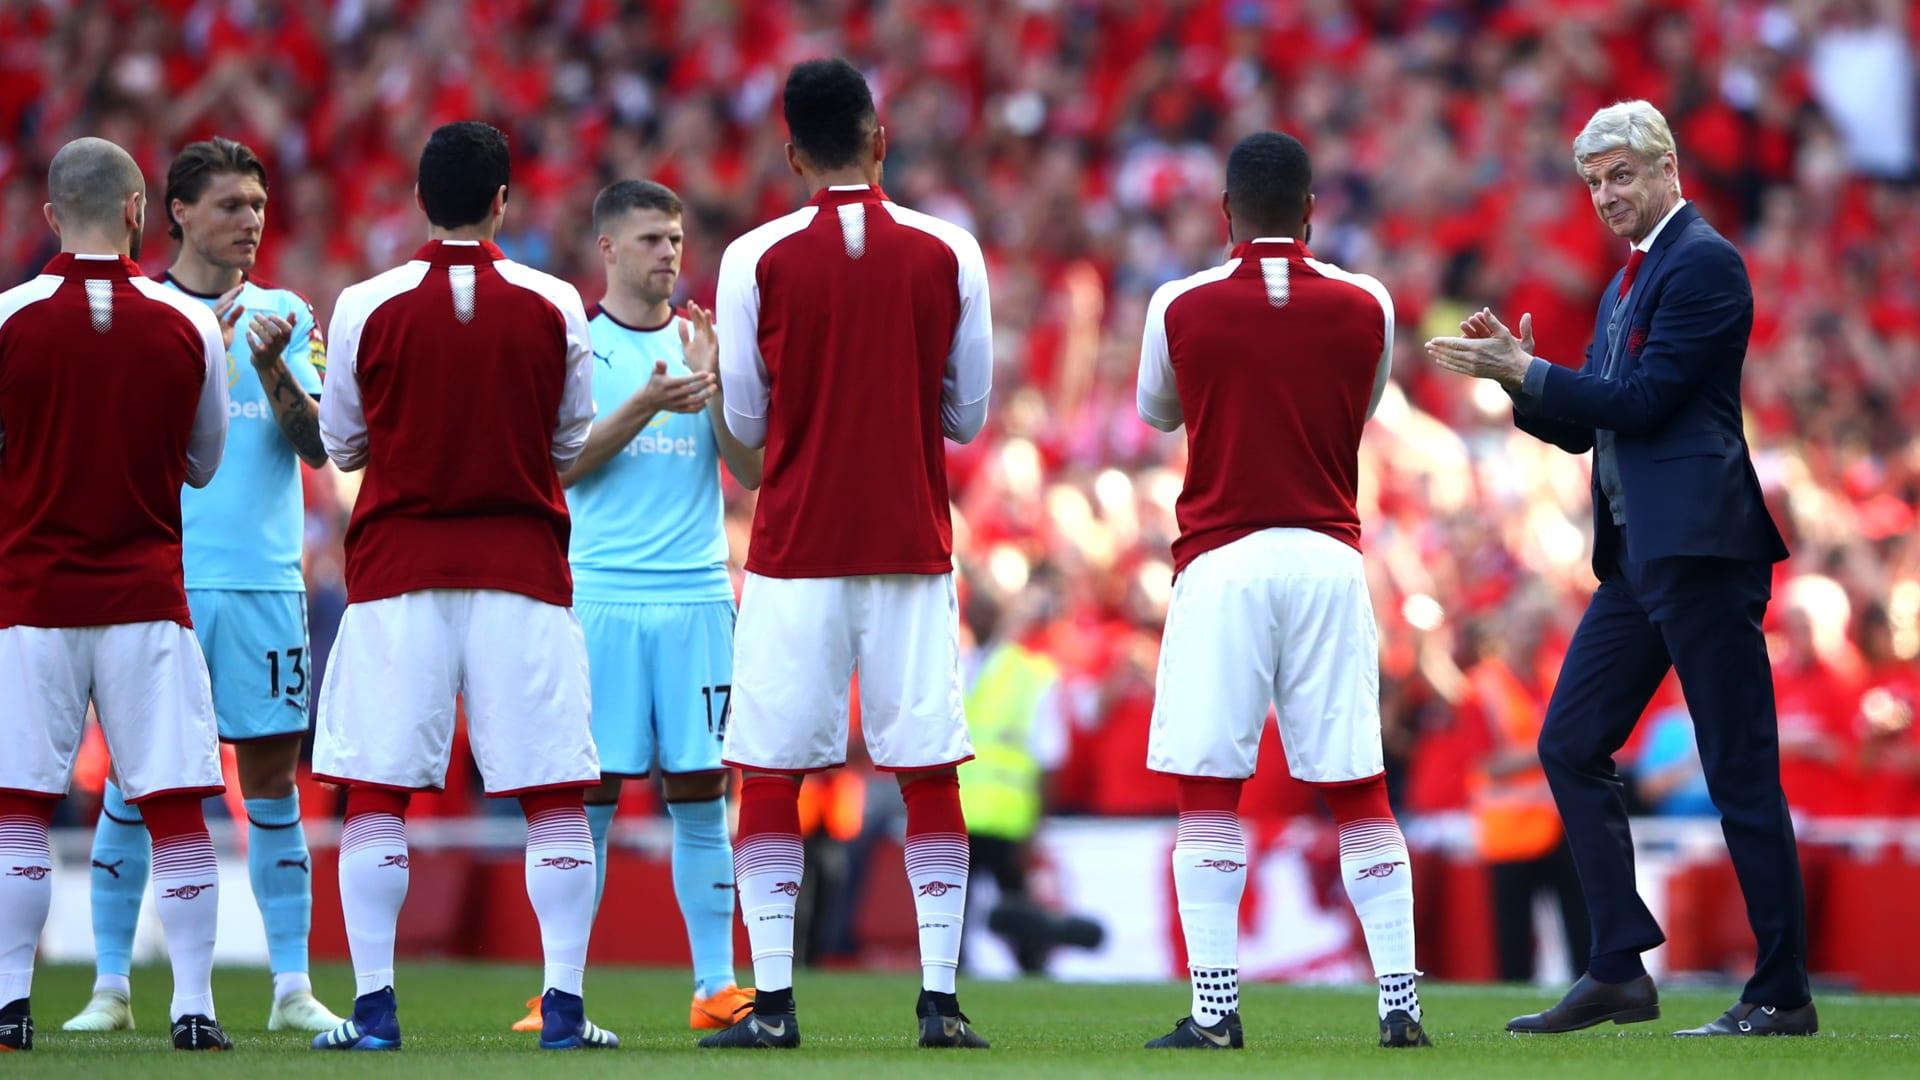 """شاهد.. لحظات مؤثرة سبقت المباراة الأخيرة لفينغر في ملعب """"الإمارات"""""""